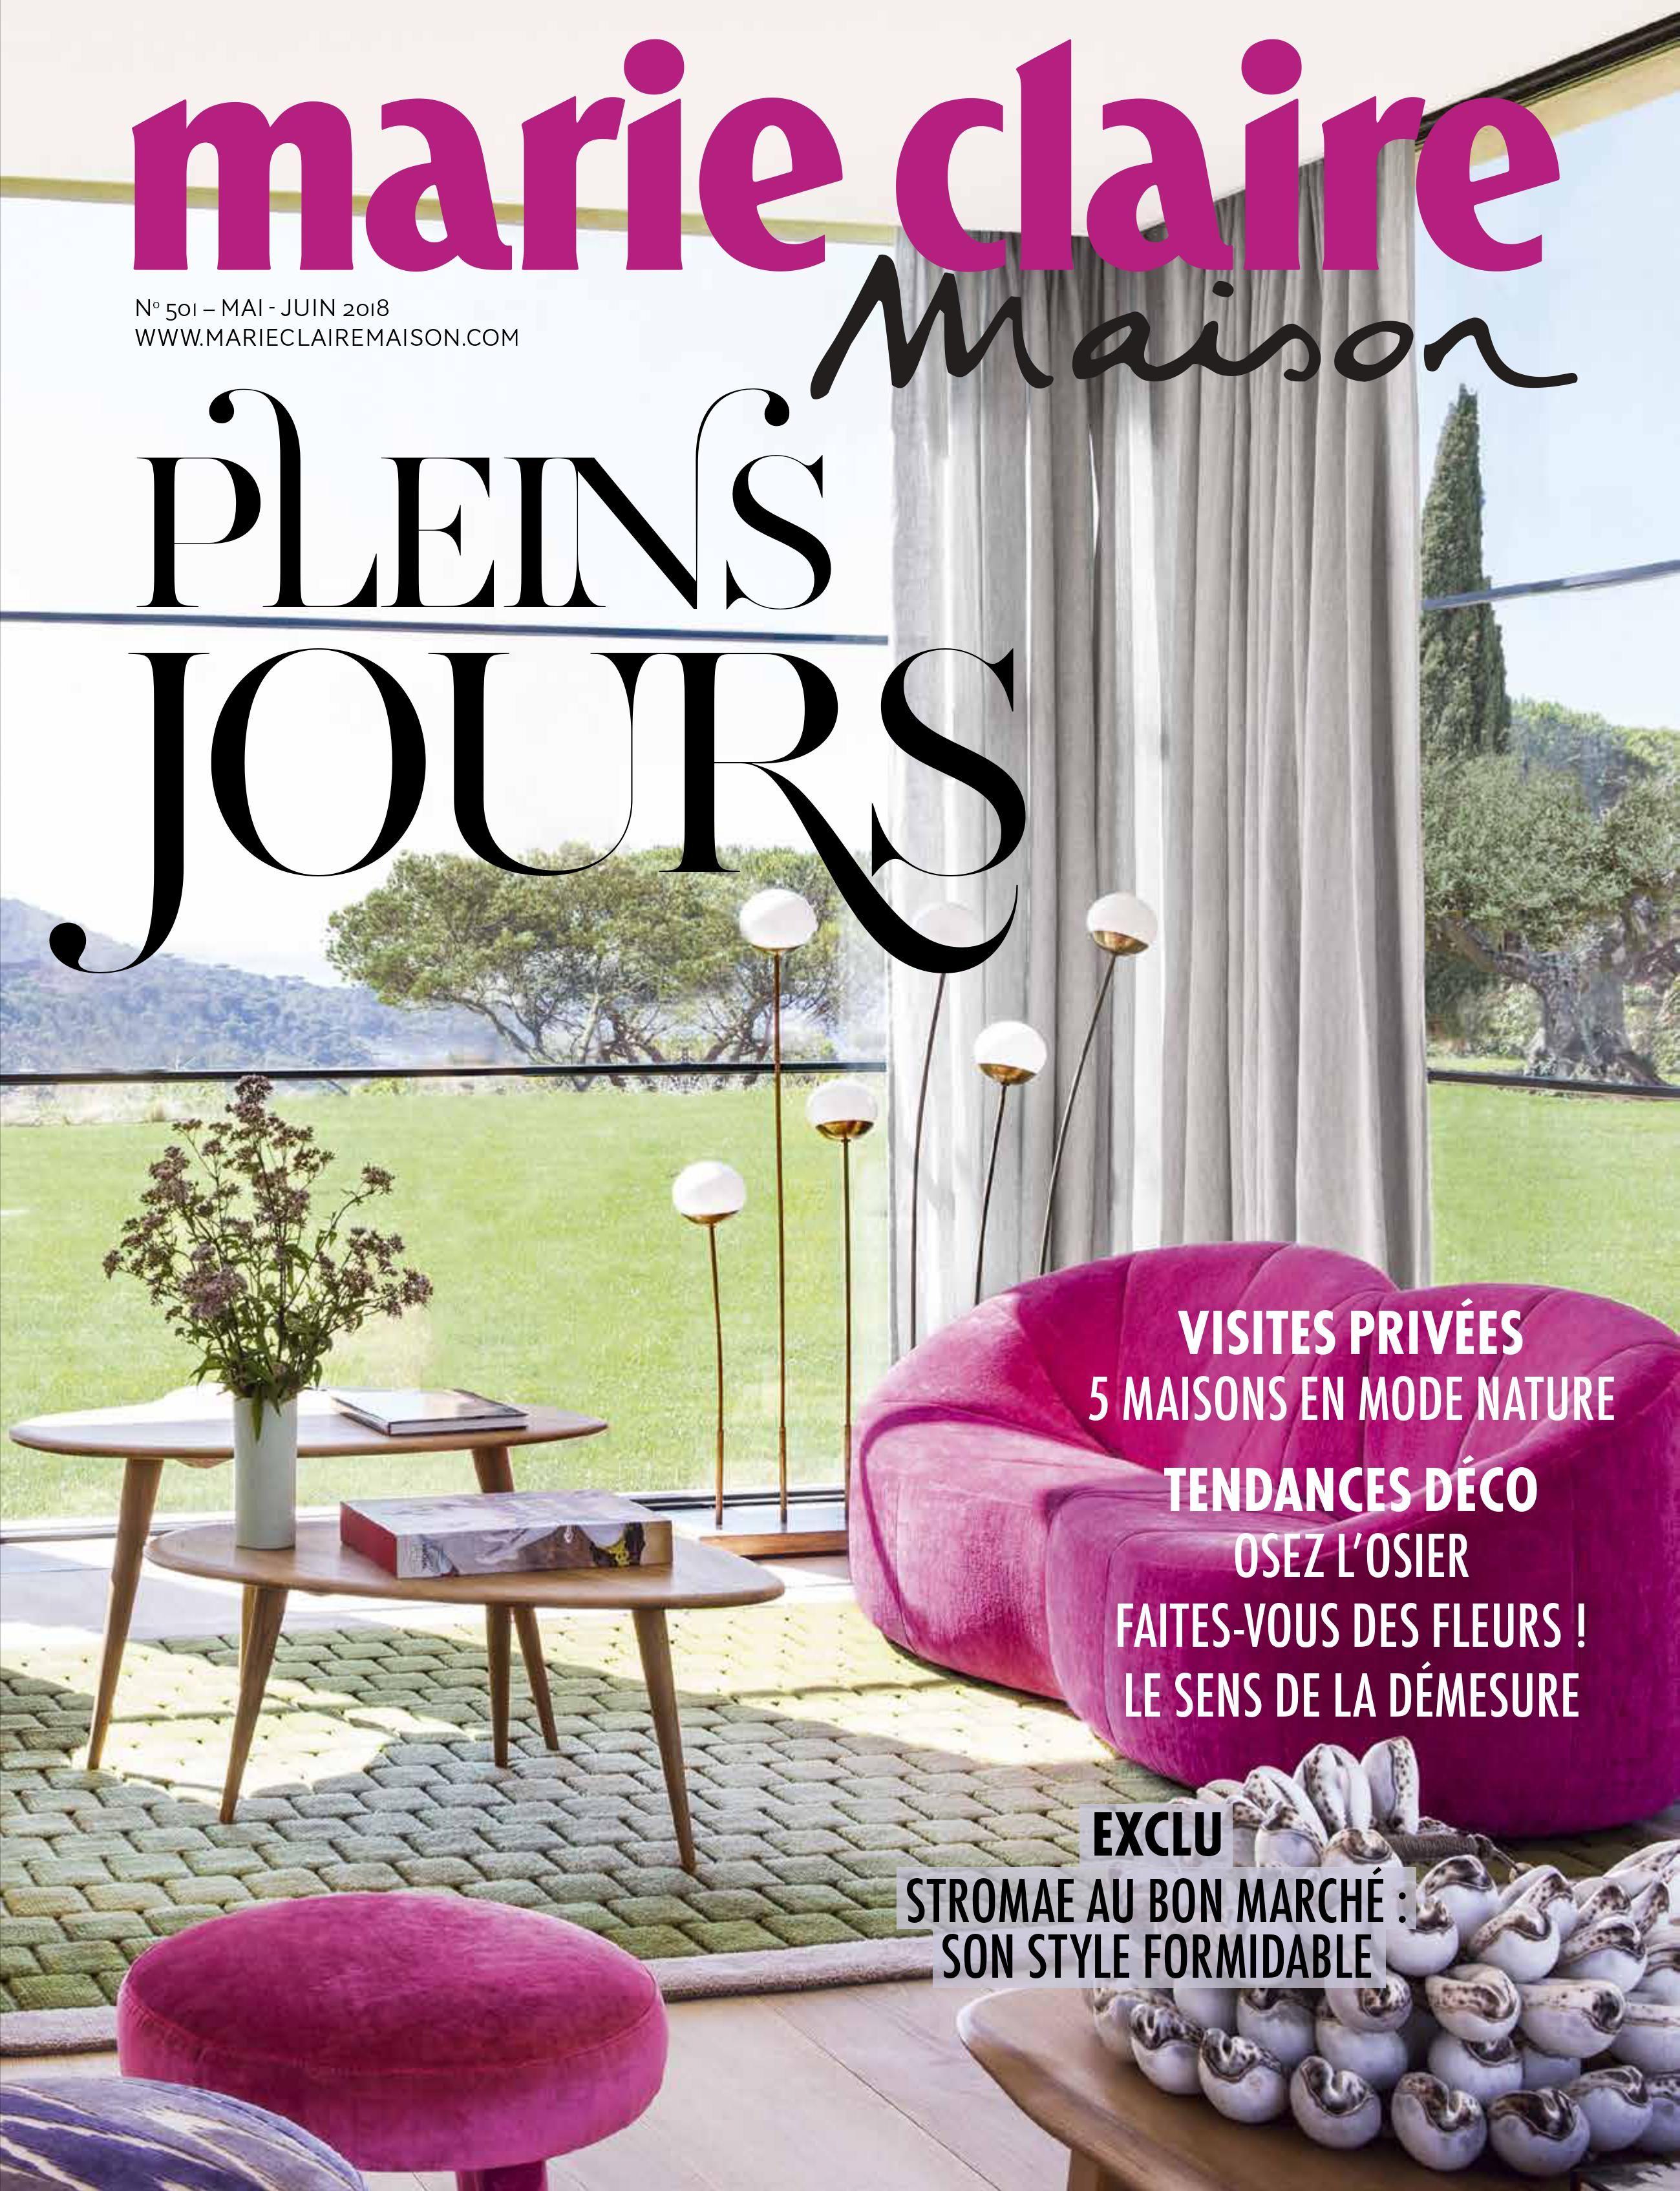 Marie Claire Maison n°501 Juin 2018   Interior deco, Marie claire maison, Marie claire